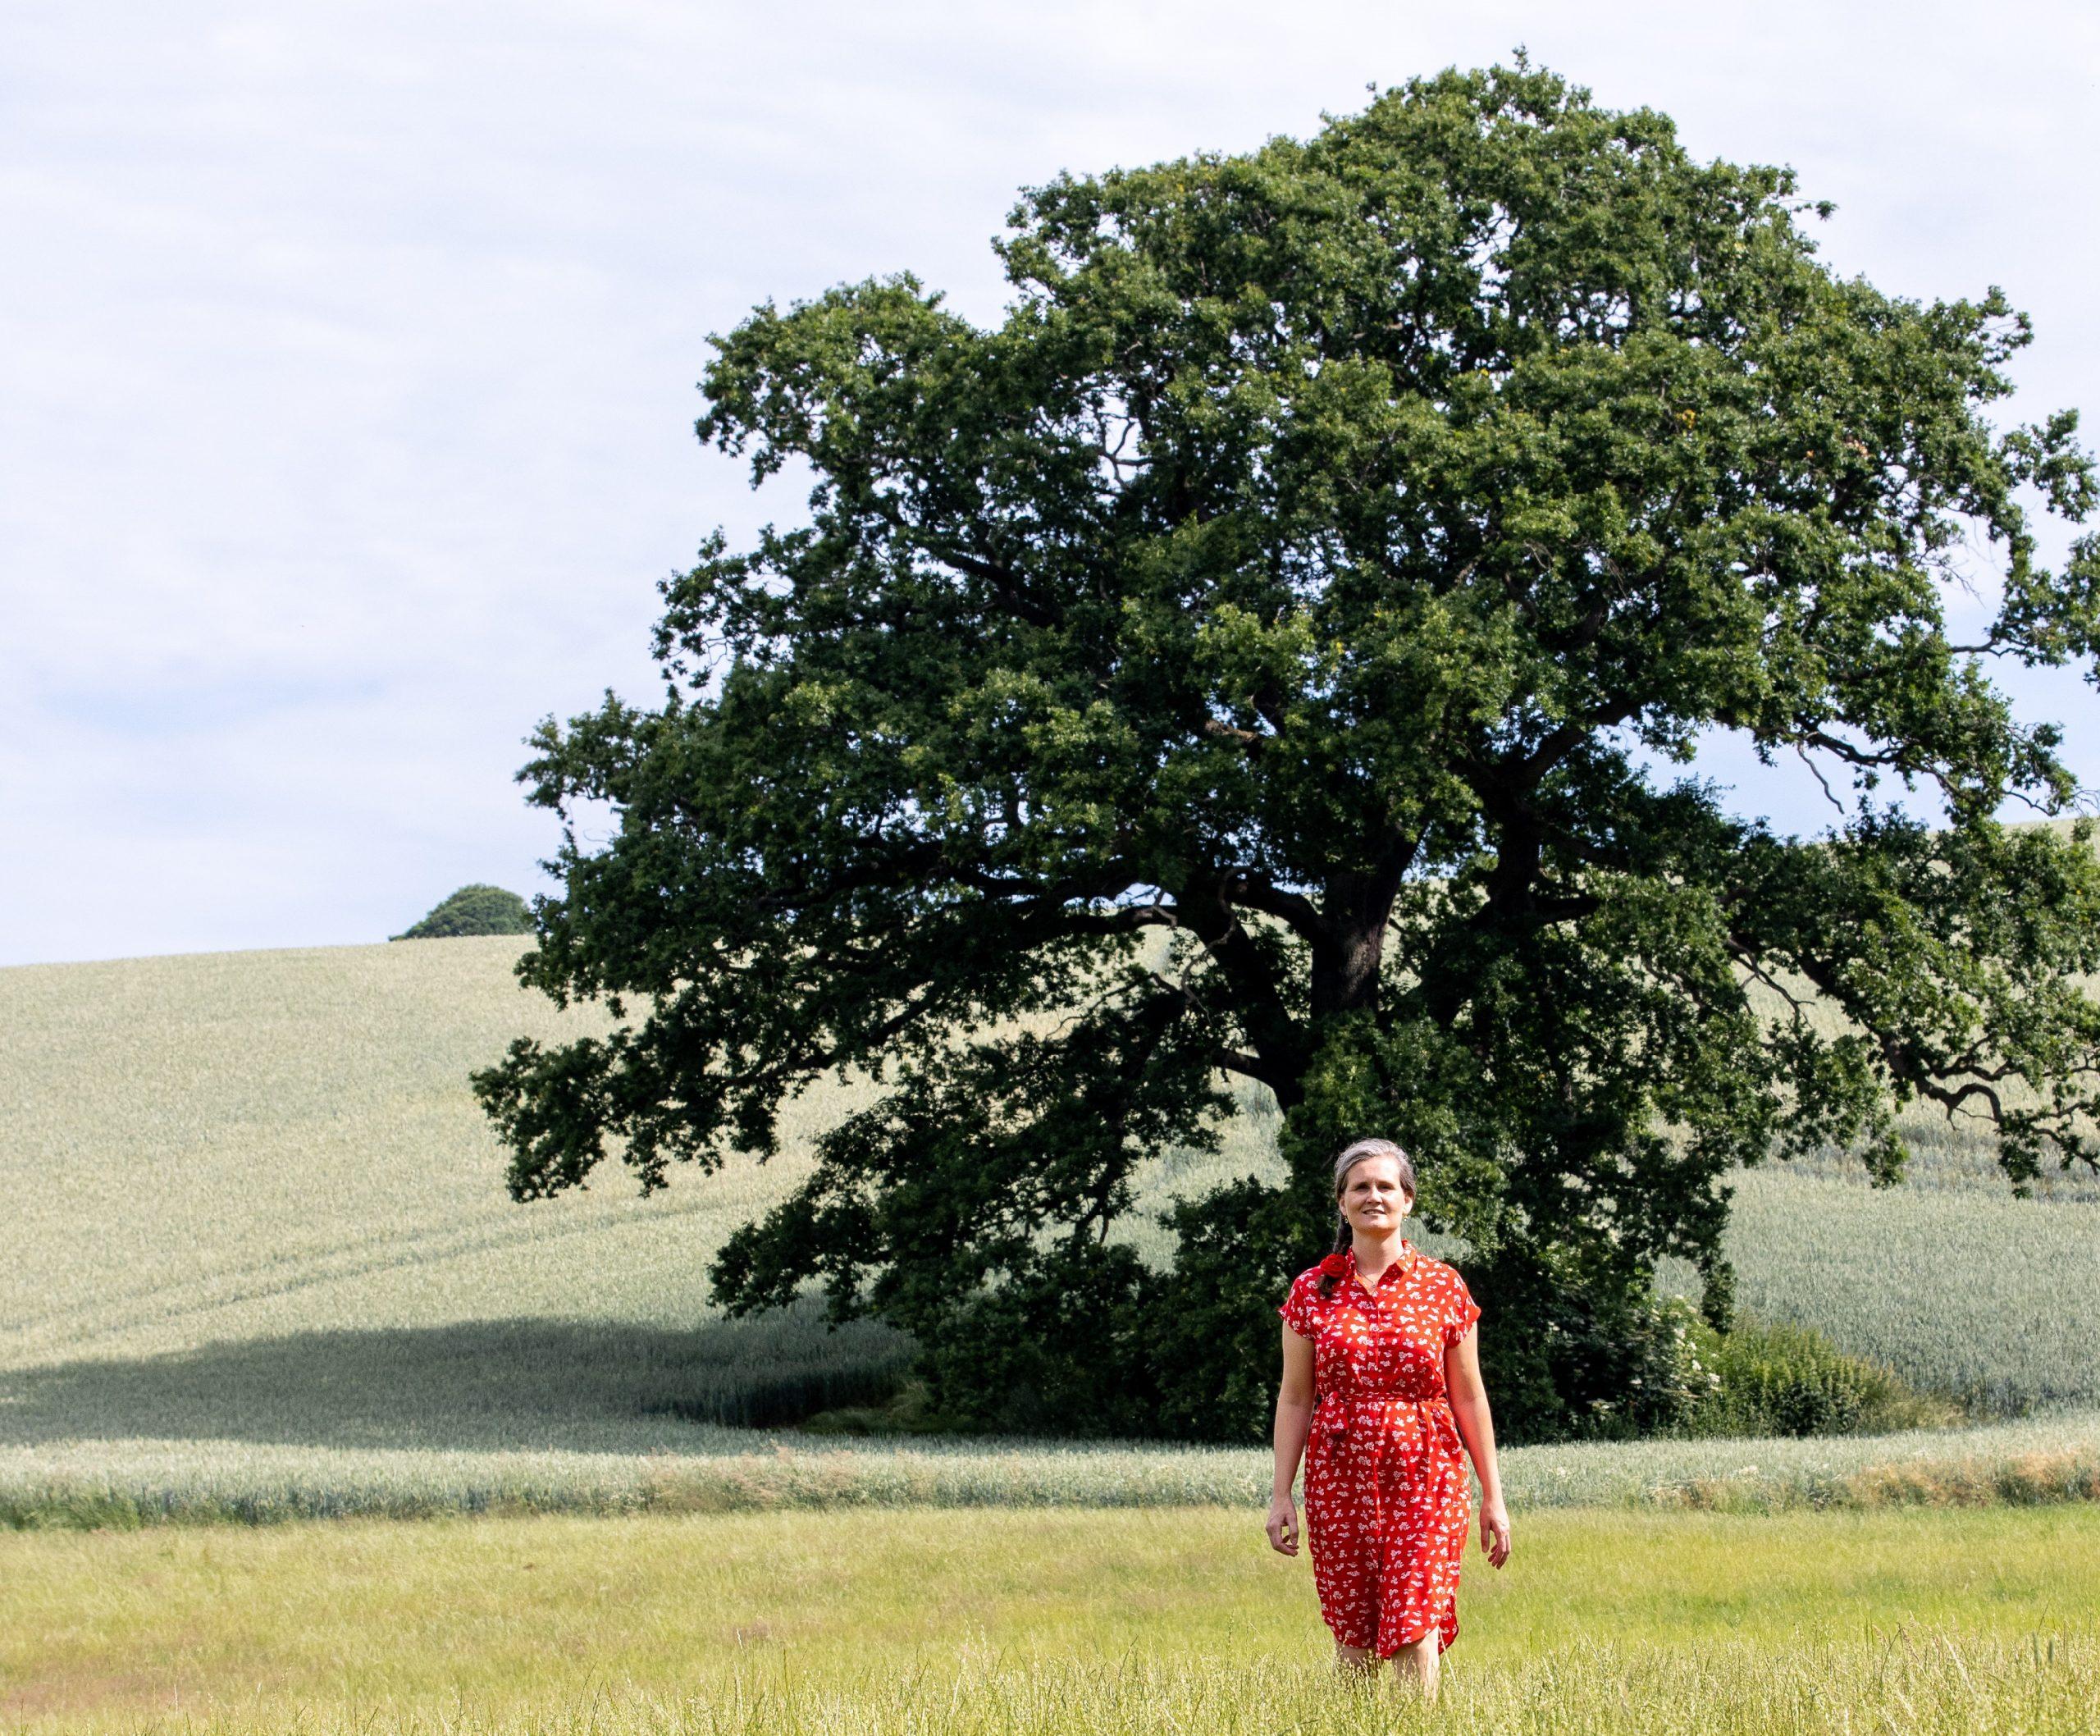 Camaniki Jordemoder: Malene står ved et træ